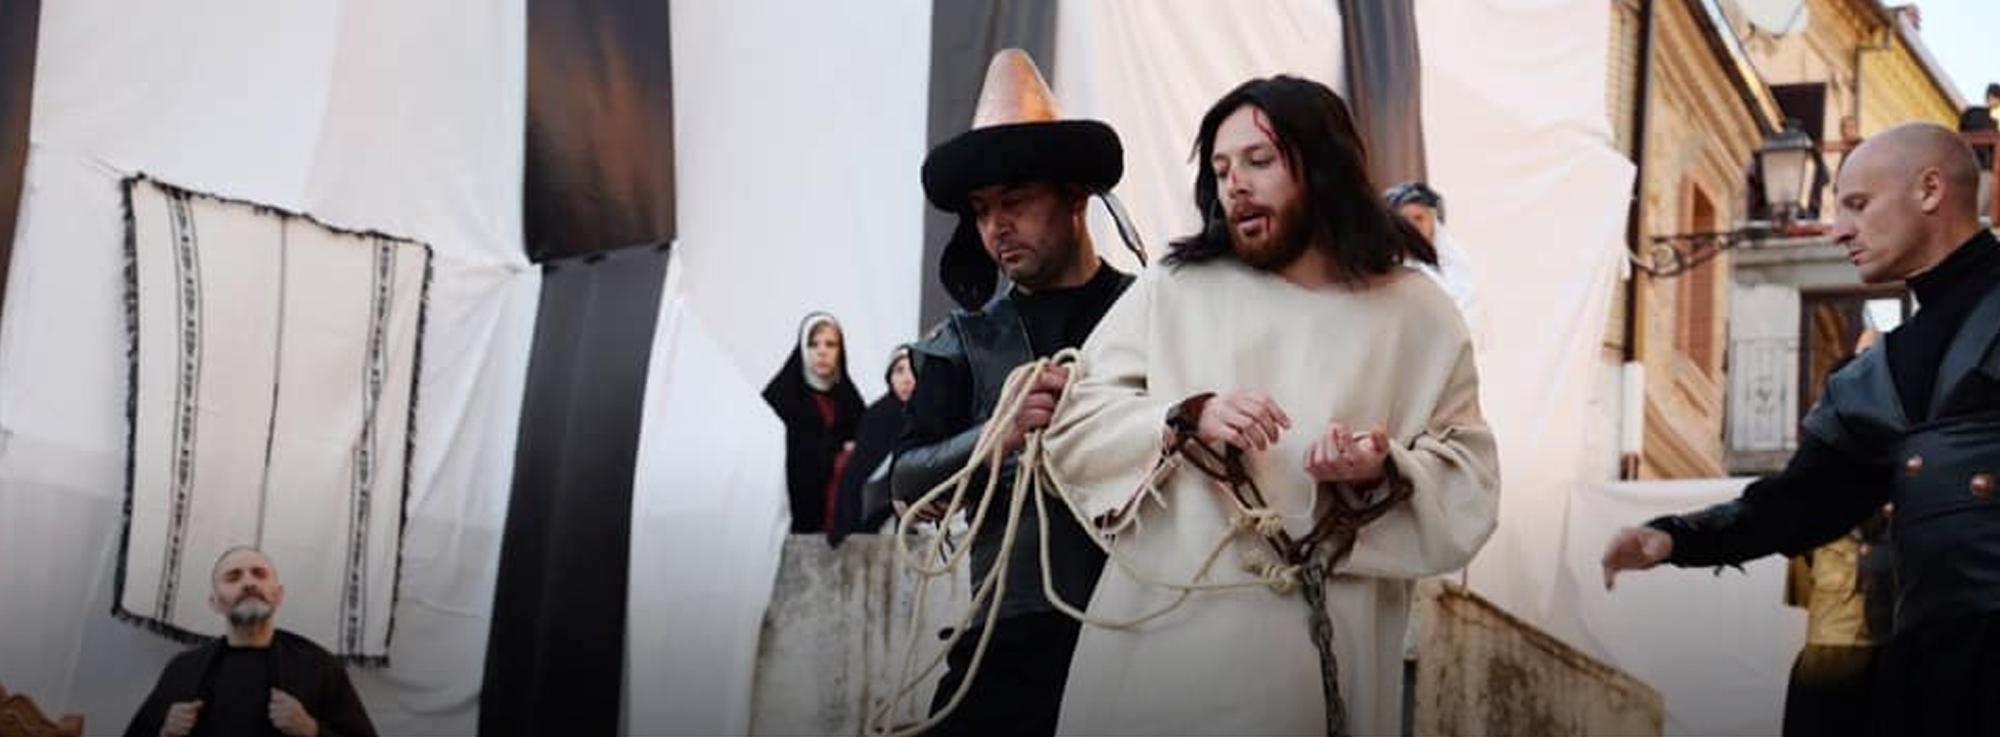 Motta Montecorvino: Passio Christi